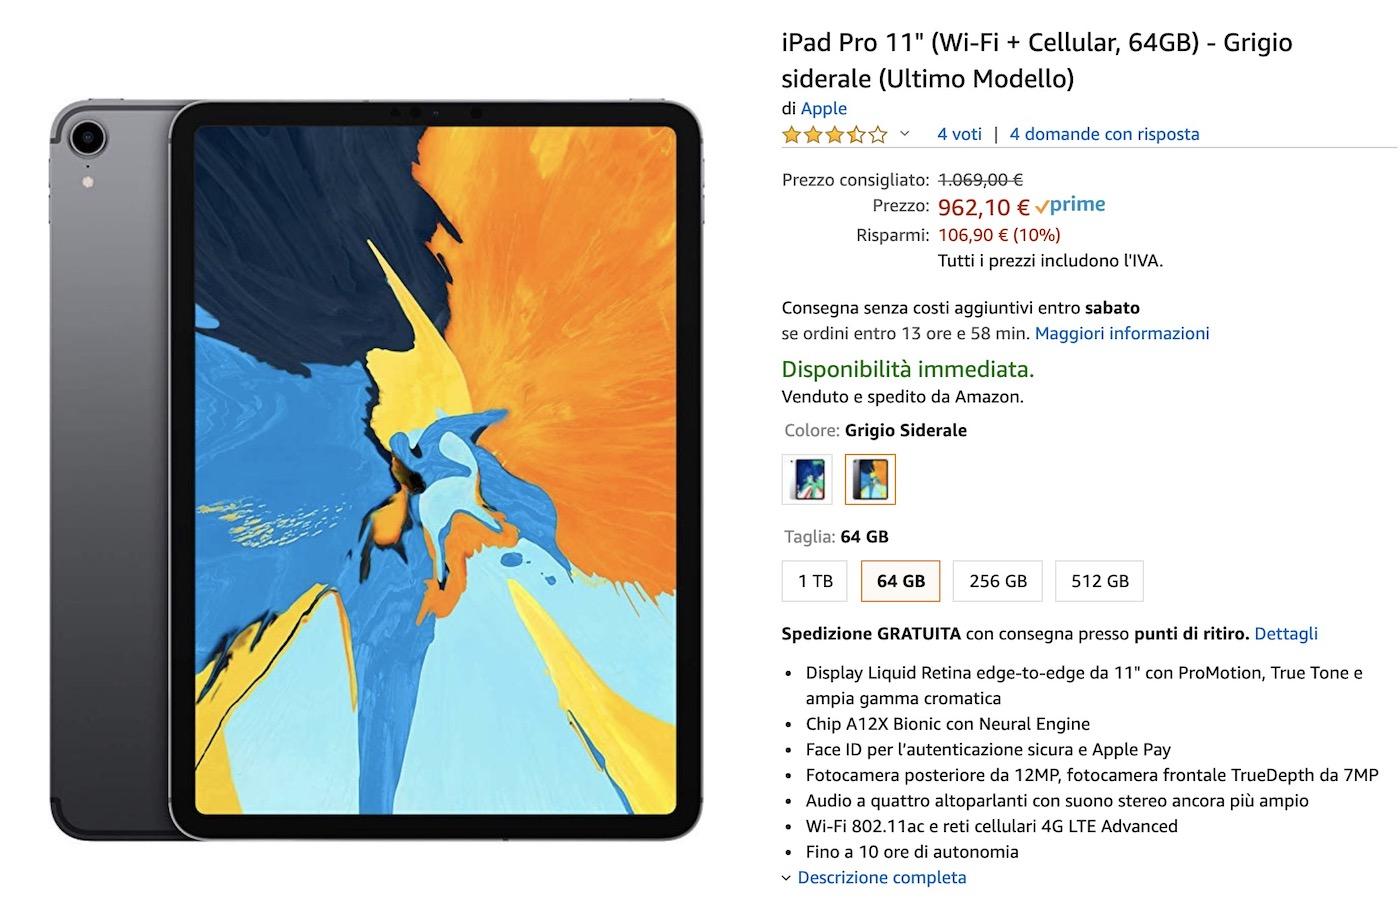 Sconto iPad Pro 11″ con rete cellulare: è al prezzo più basso, 969 €